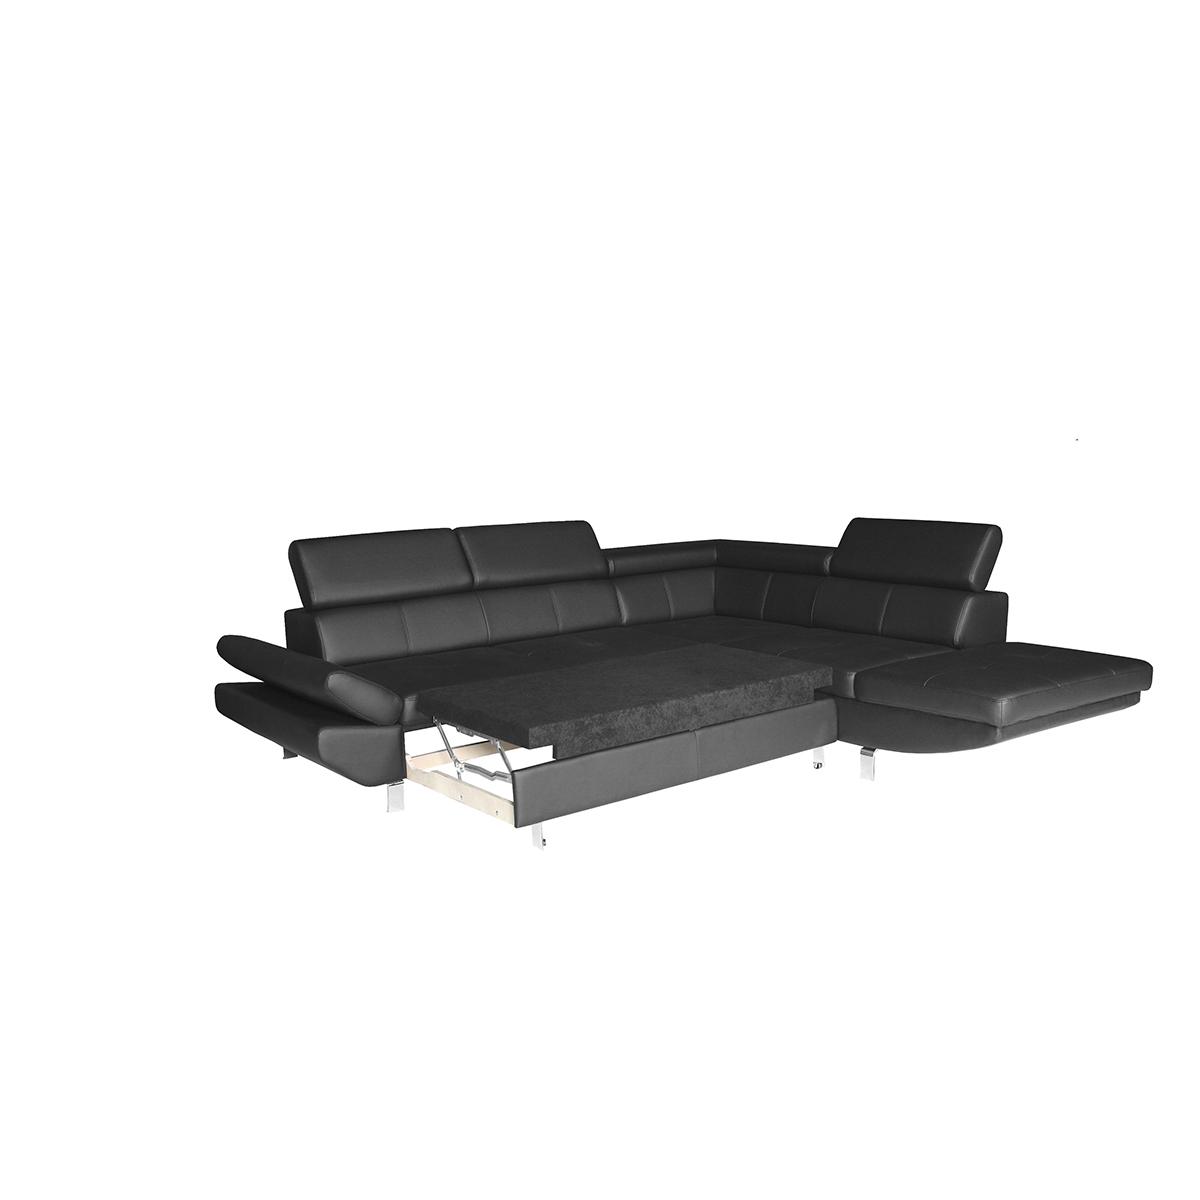 new york polstergarnitur wohnzimmergarnitur moebel. Black Bedroom Furniture Sets. Home Design Ideas